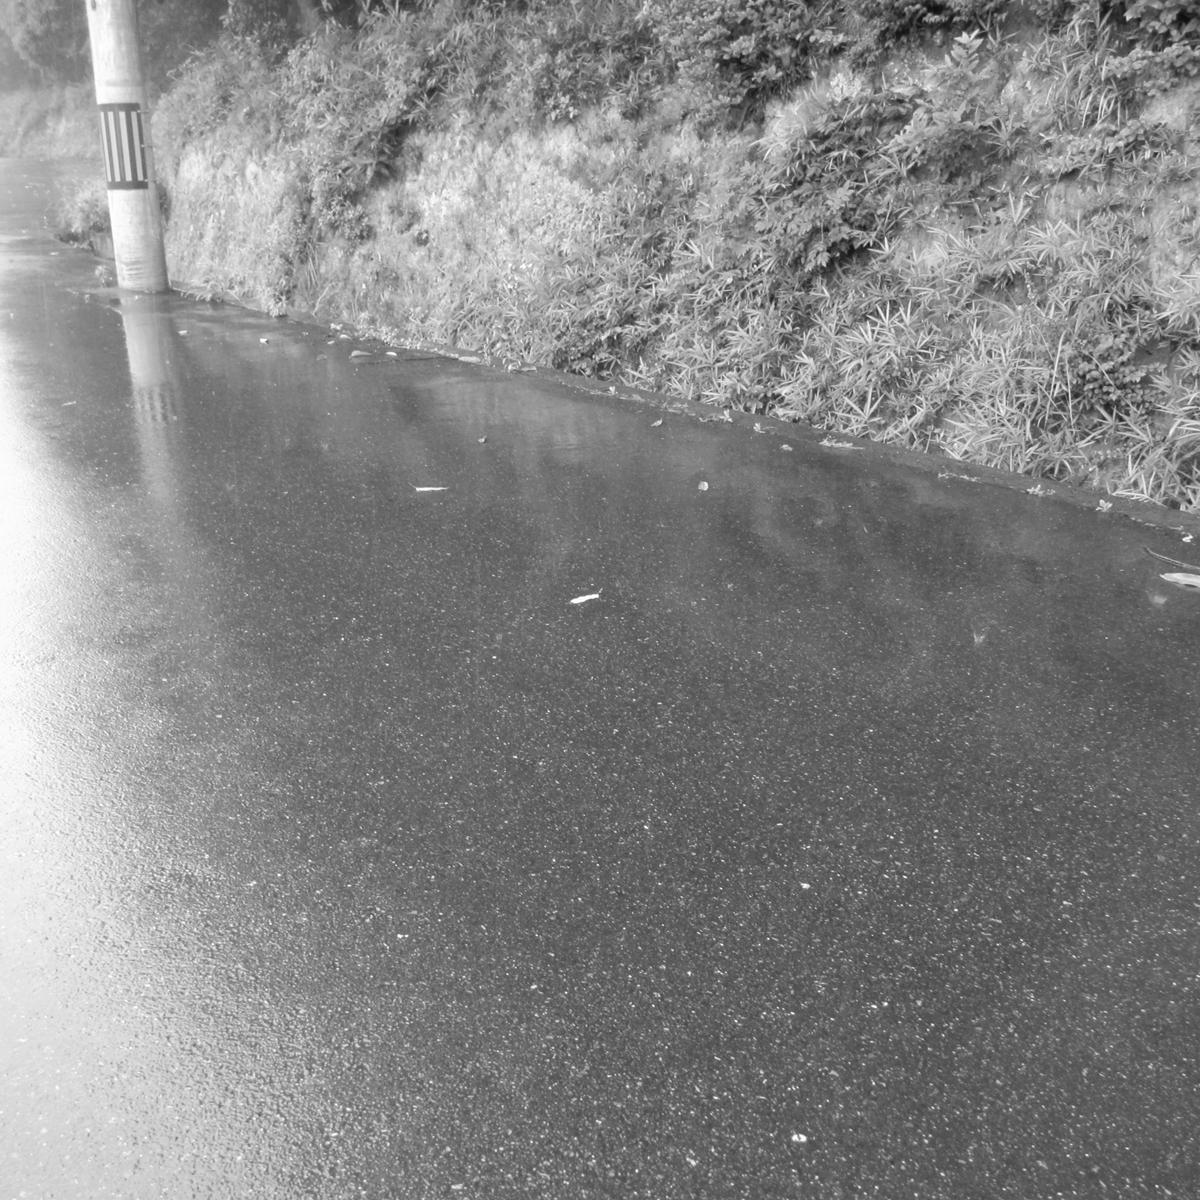 雨の日20150704 (40)